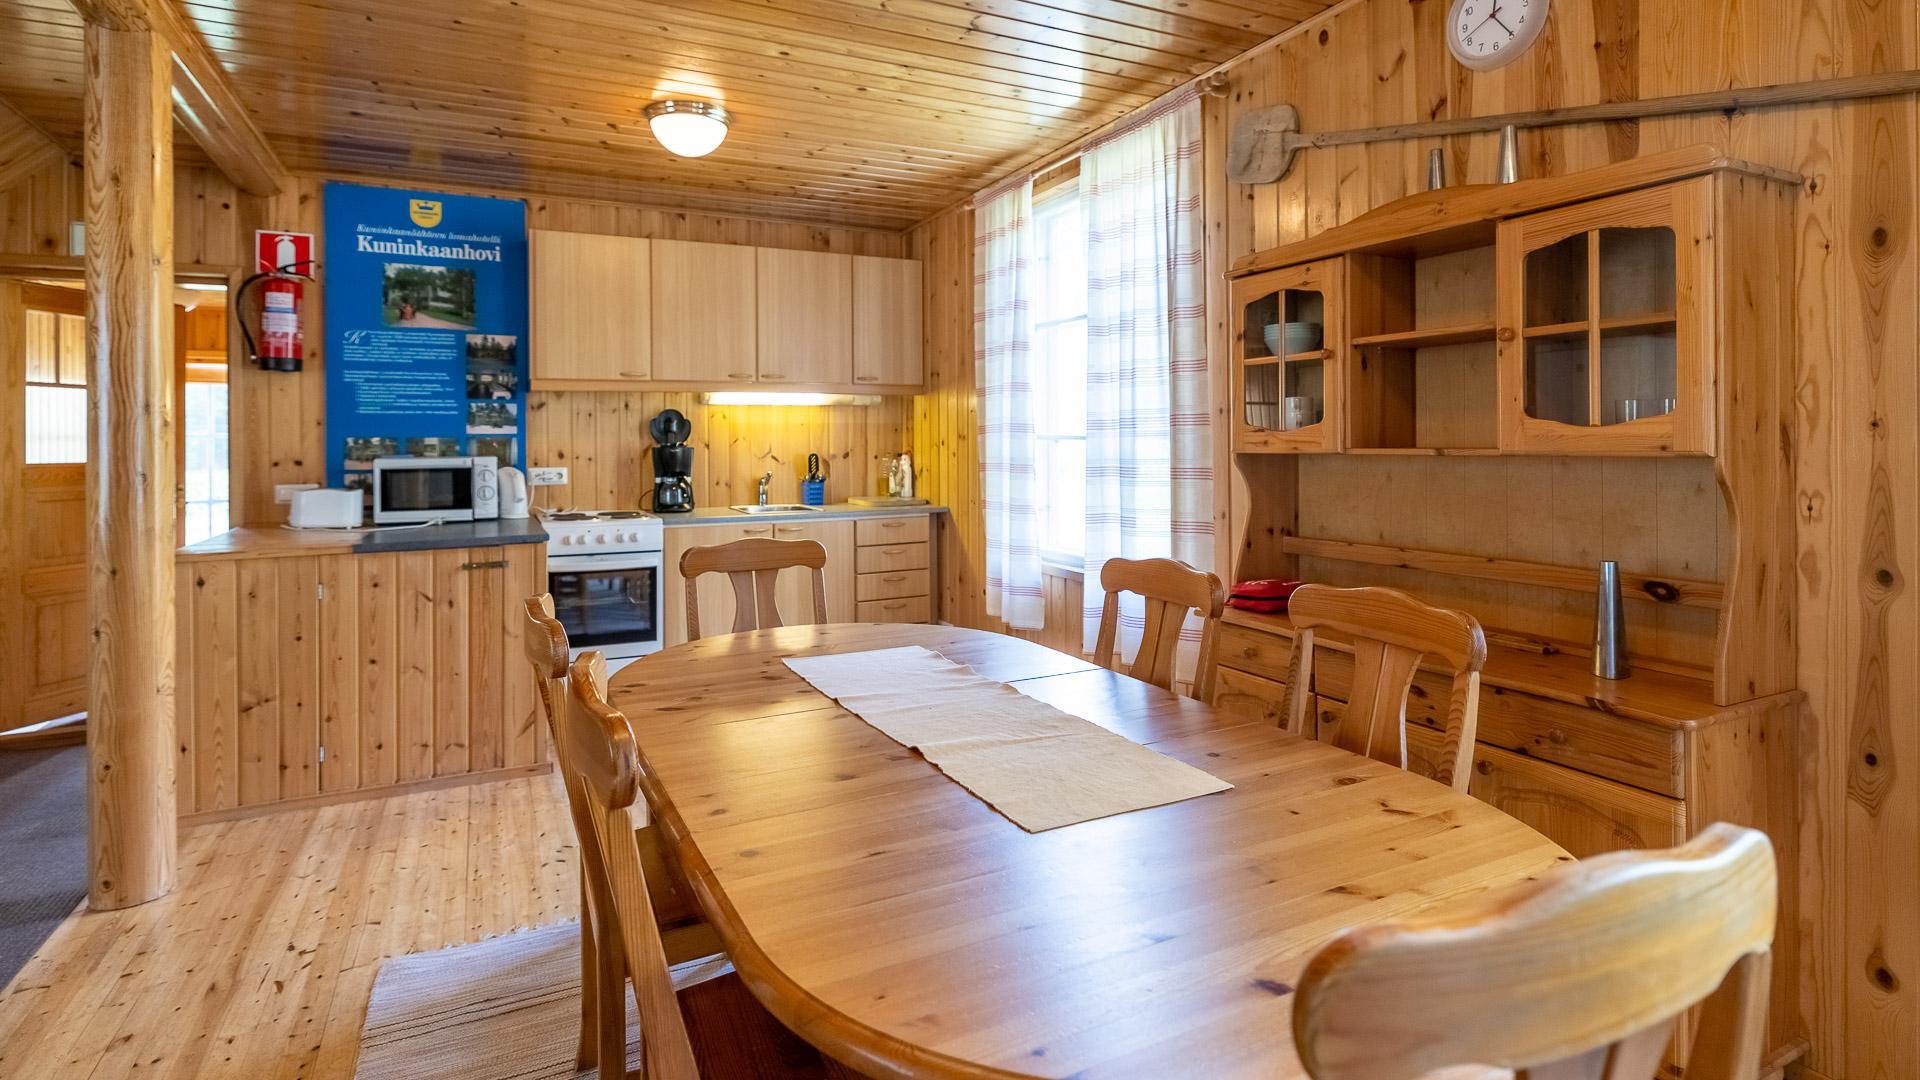 Hostelli Kuninkaanlähde Kuninkaan Tupa keittiö ja ruokapöytä